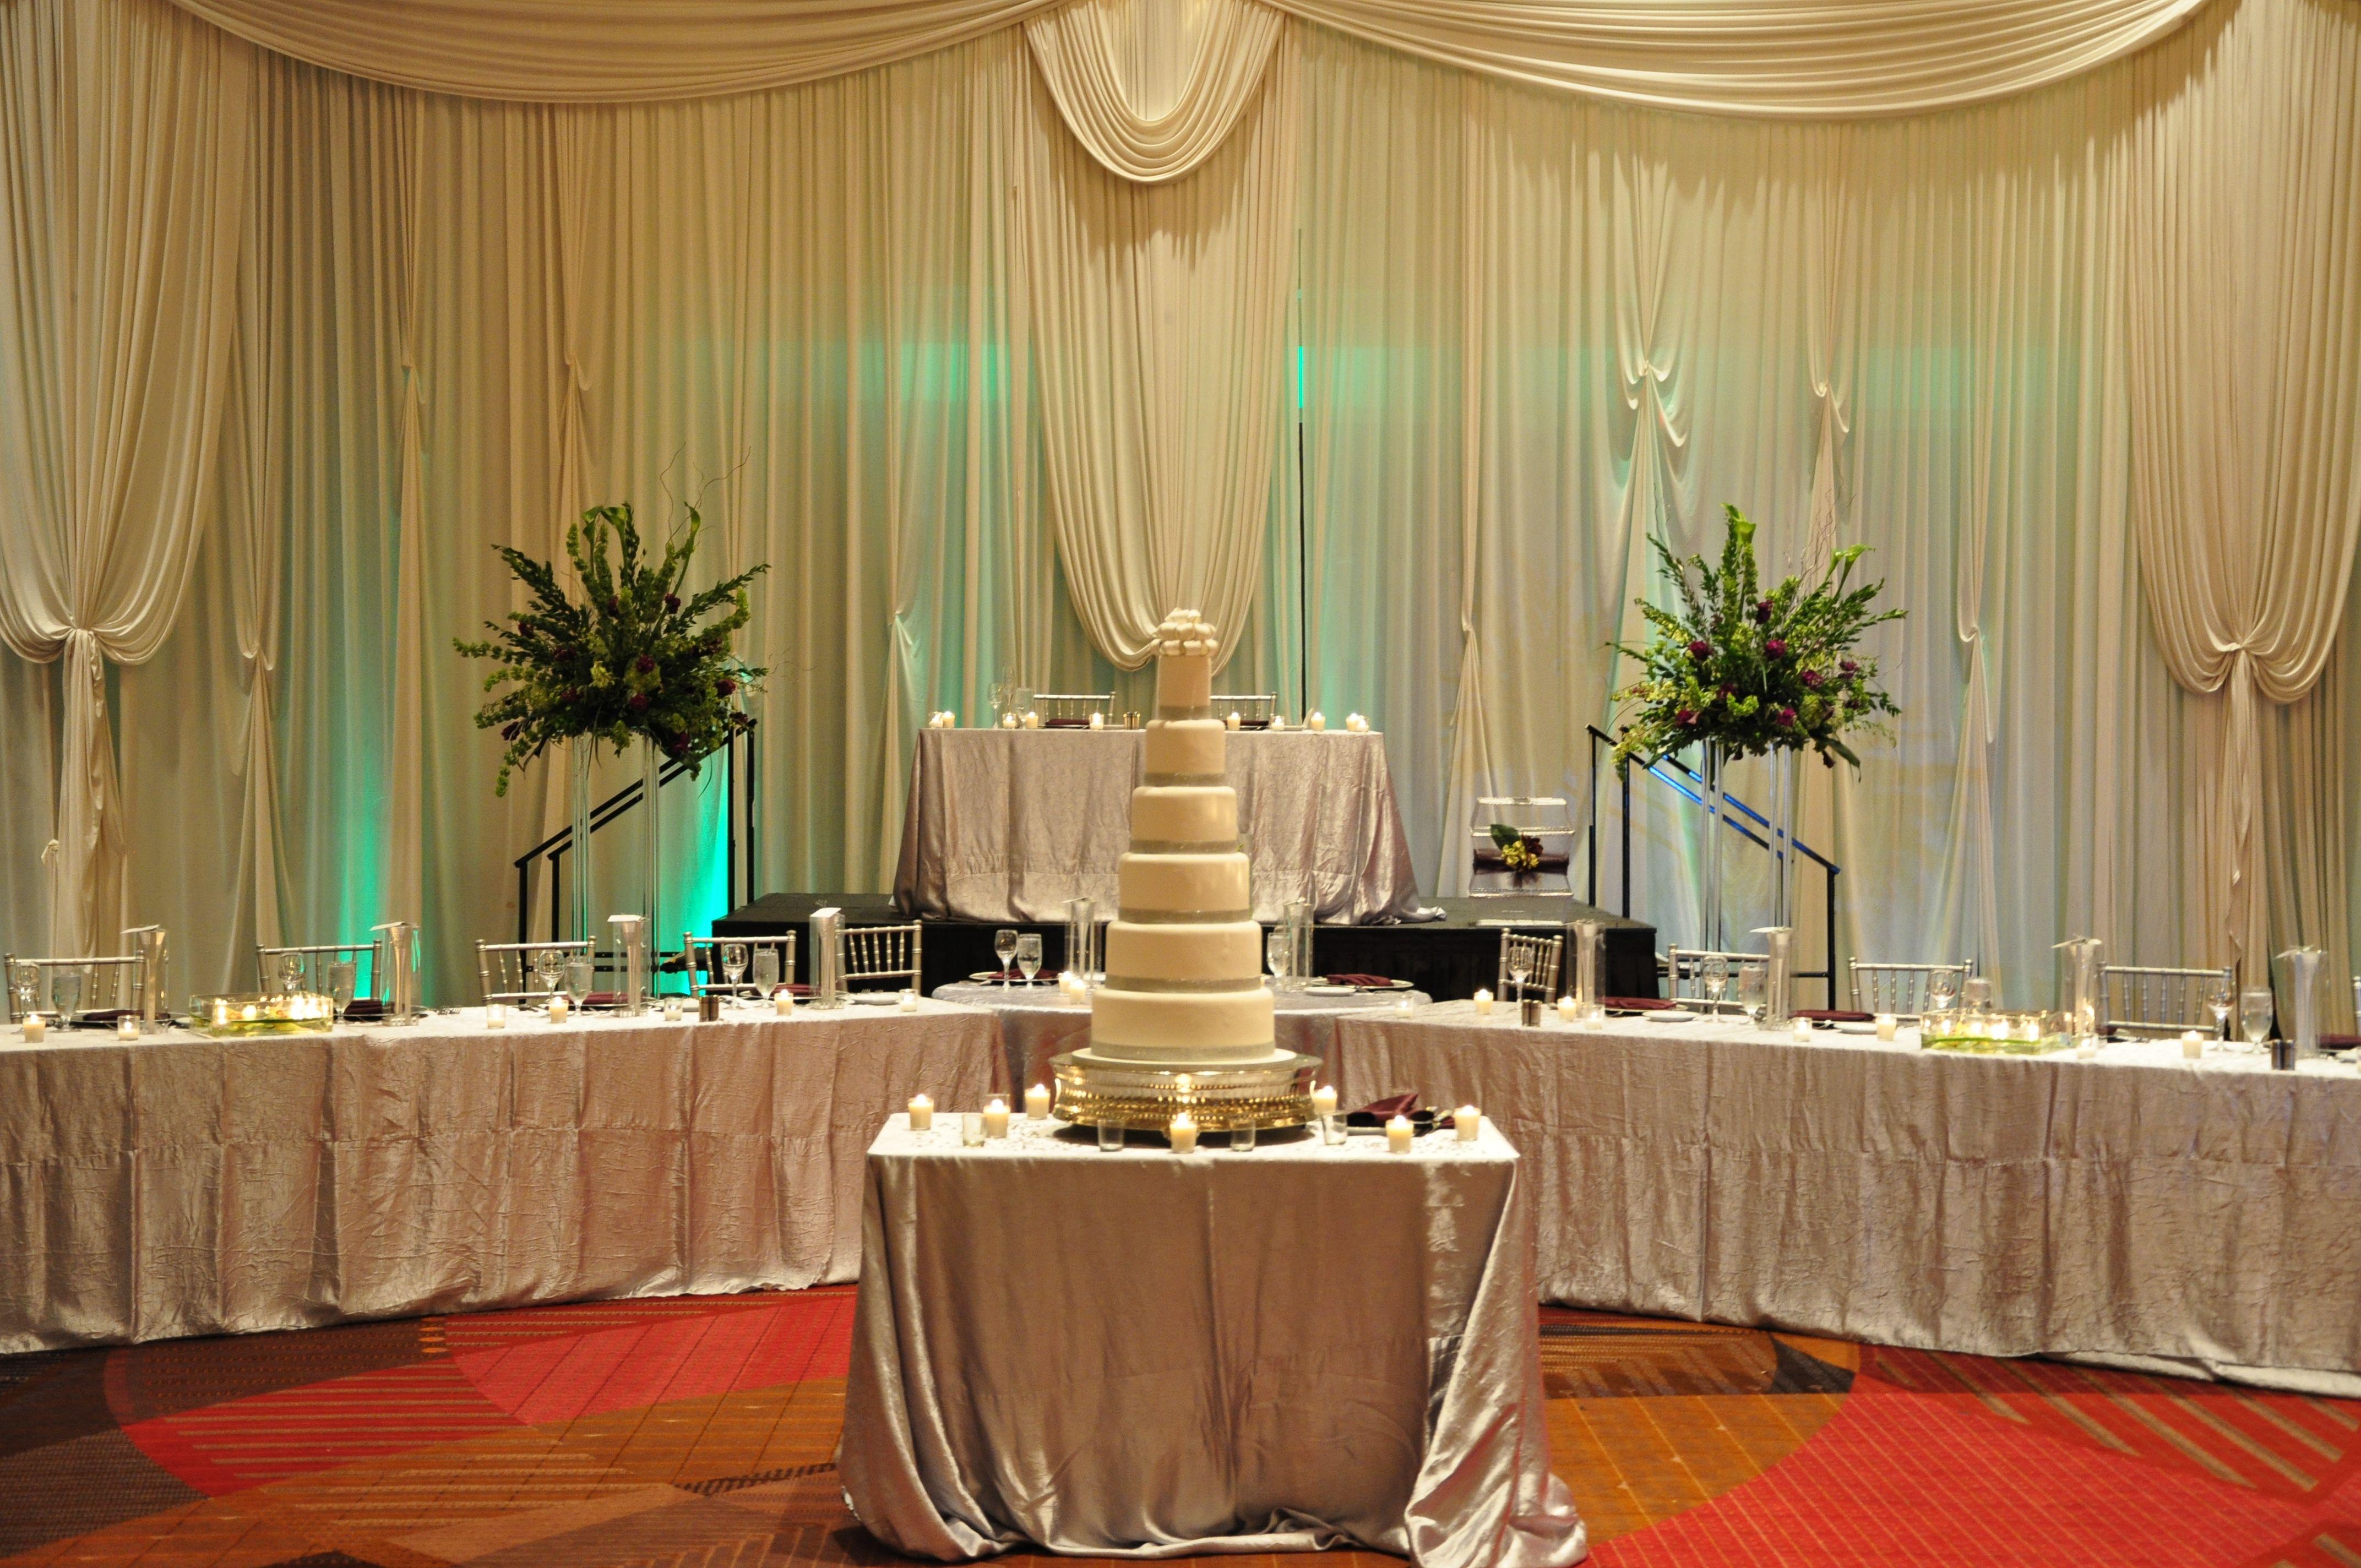 Wedding event background  dingbymp dingeventsbymp  Backdrops